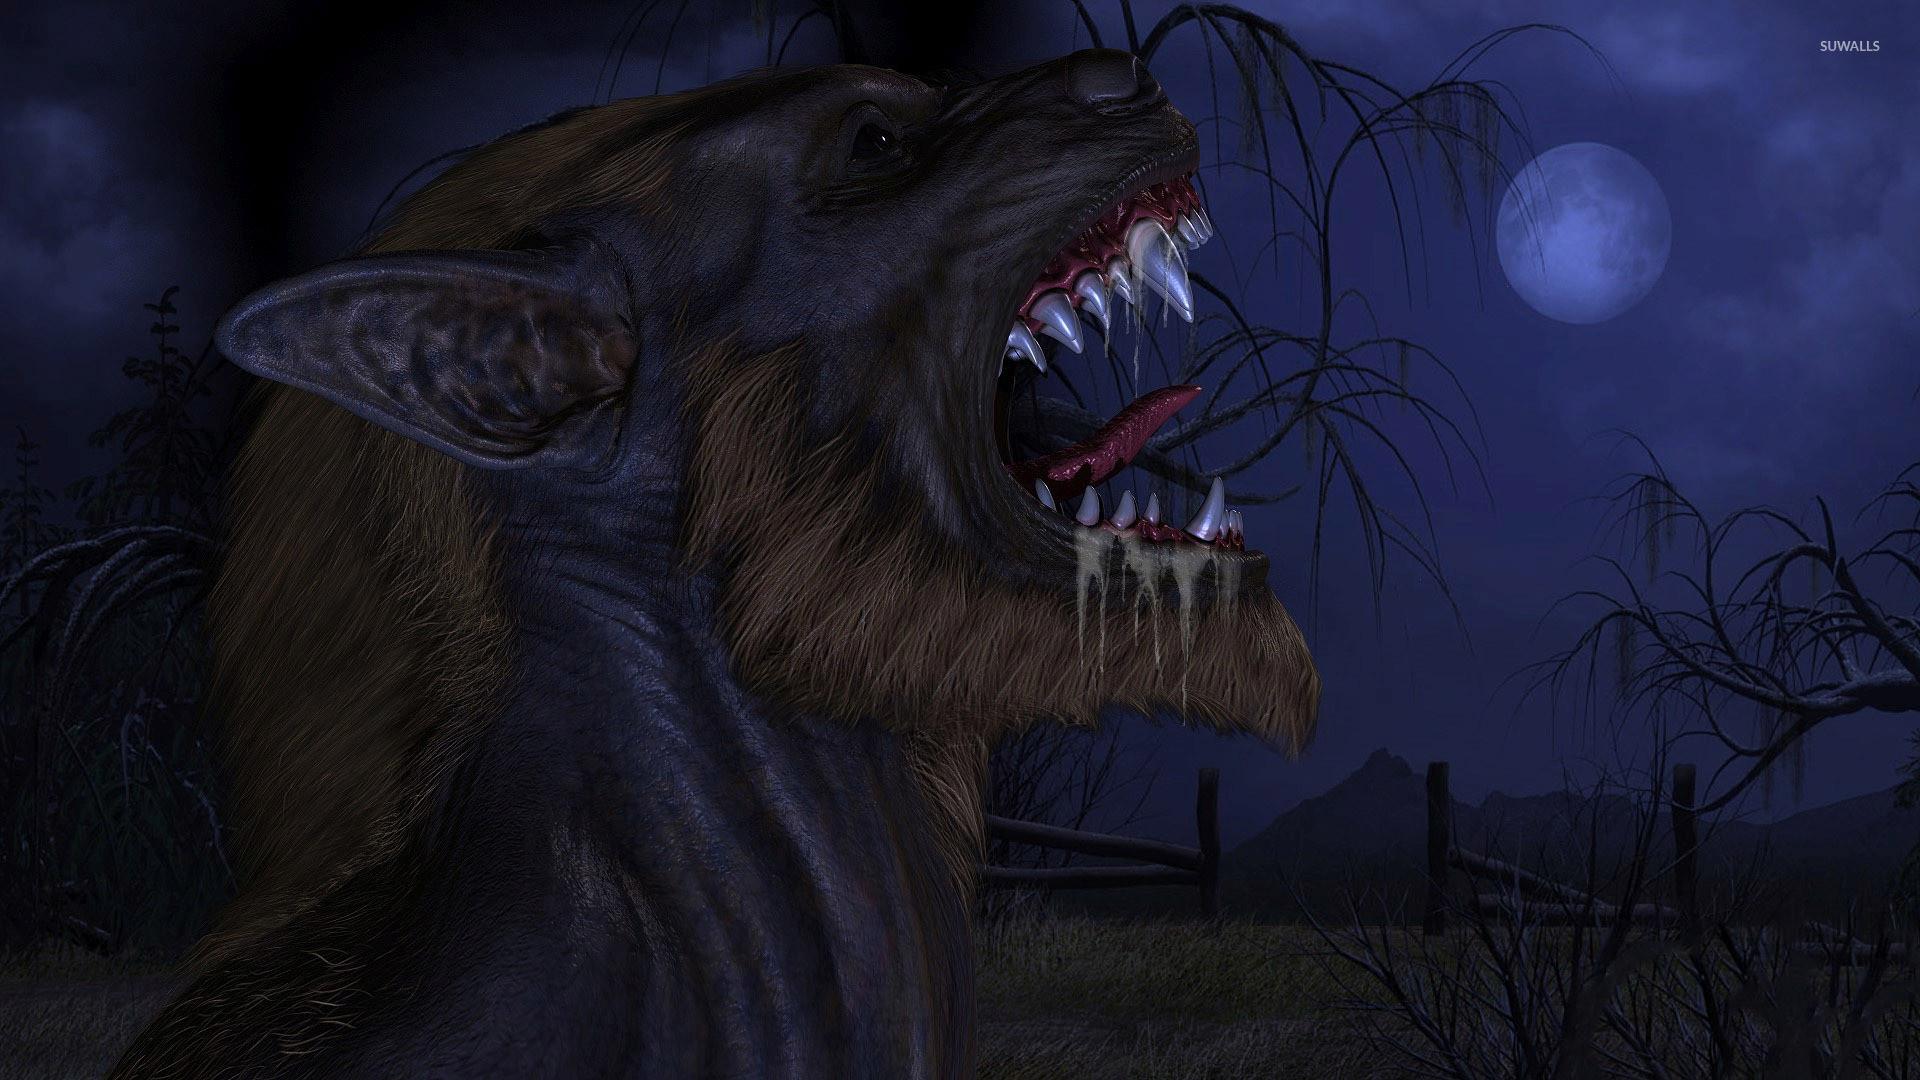 Lord Skyrim Vampire Wallpaper